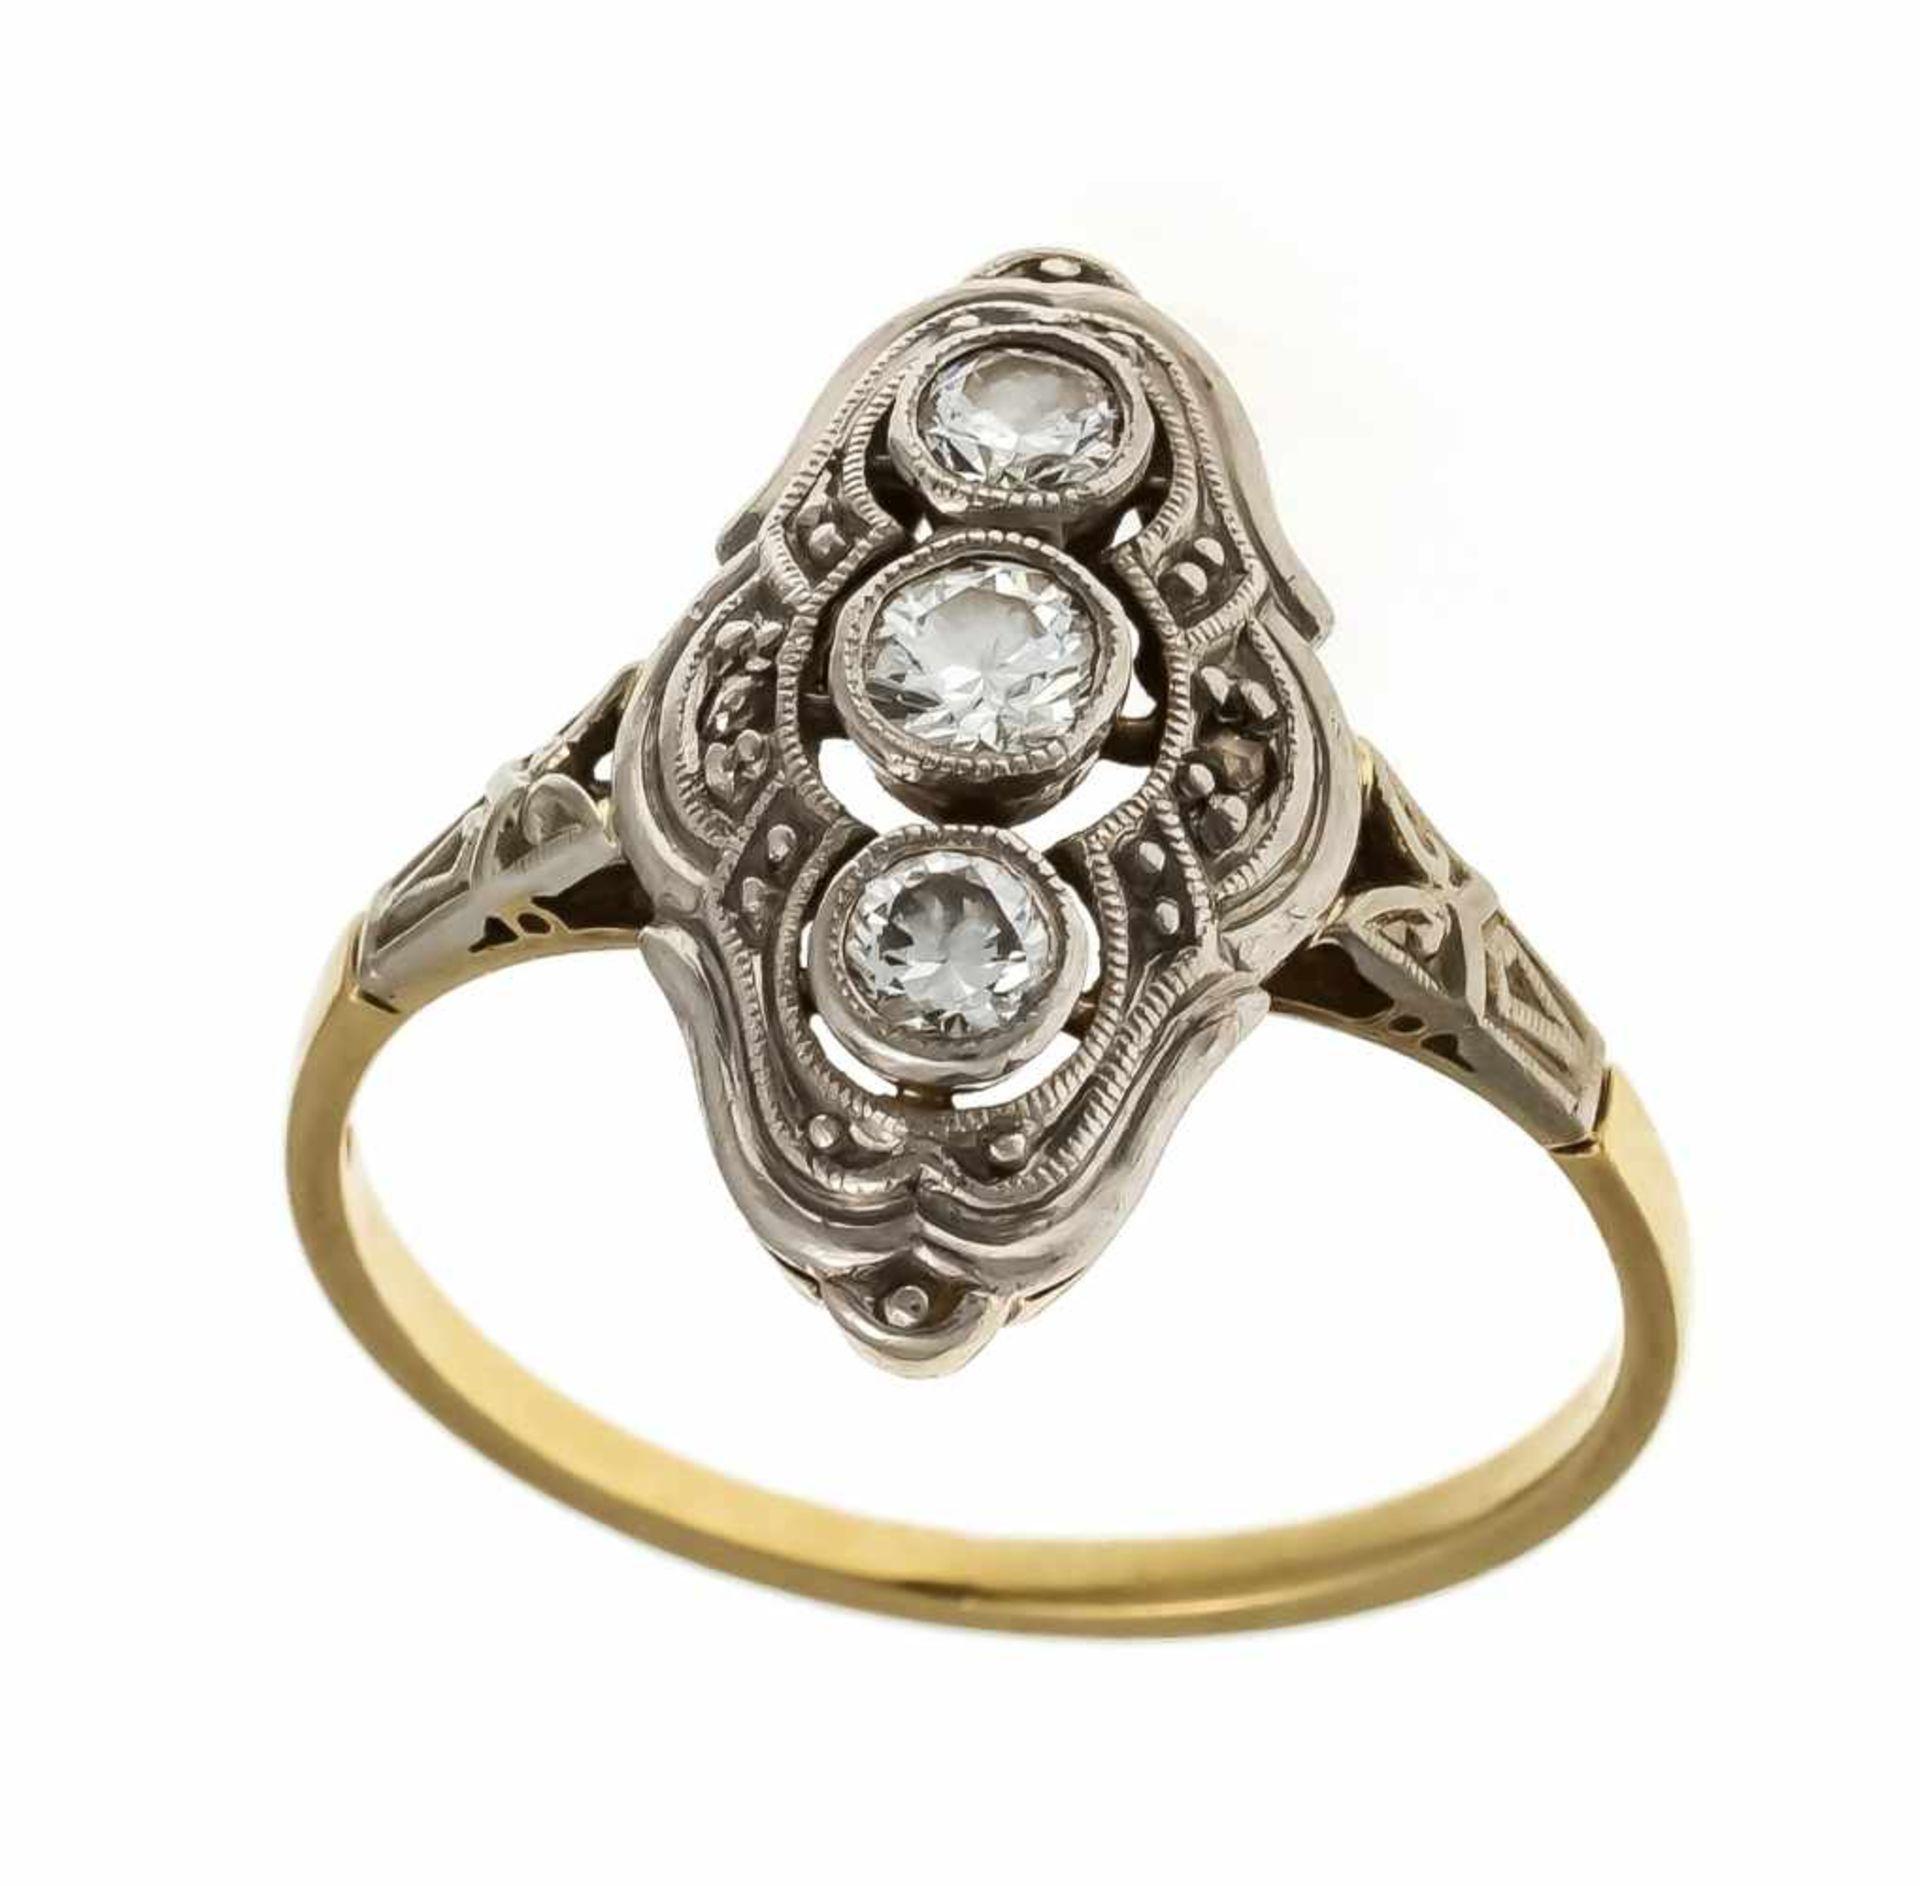 Art Déco Altschliff-Diamant-Ring GG/WG 585/000 mit 3 Altschliff-Diamanten und 2 Diamantrosen, zus.